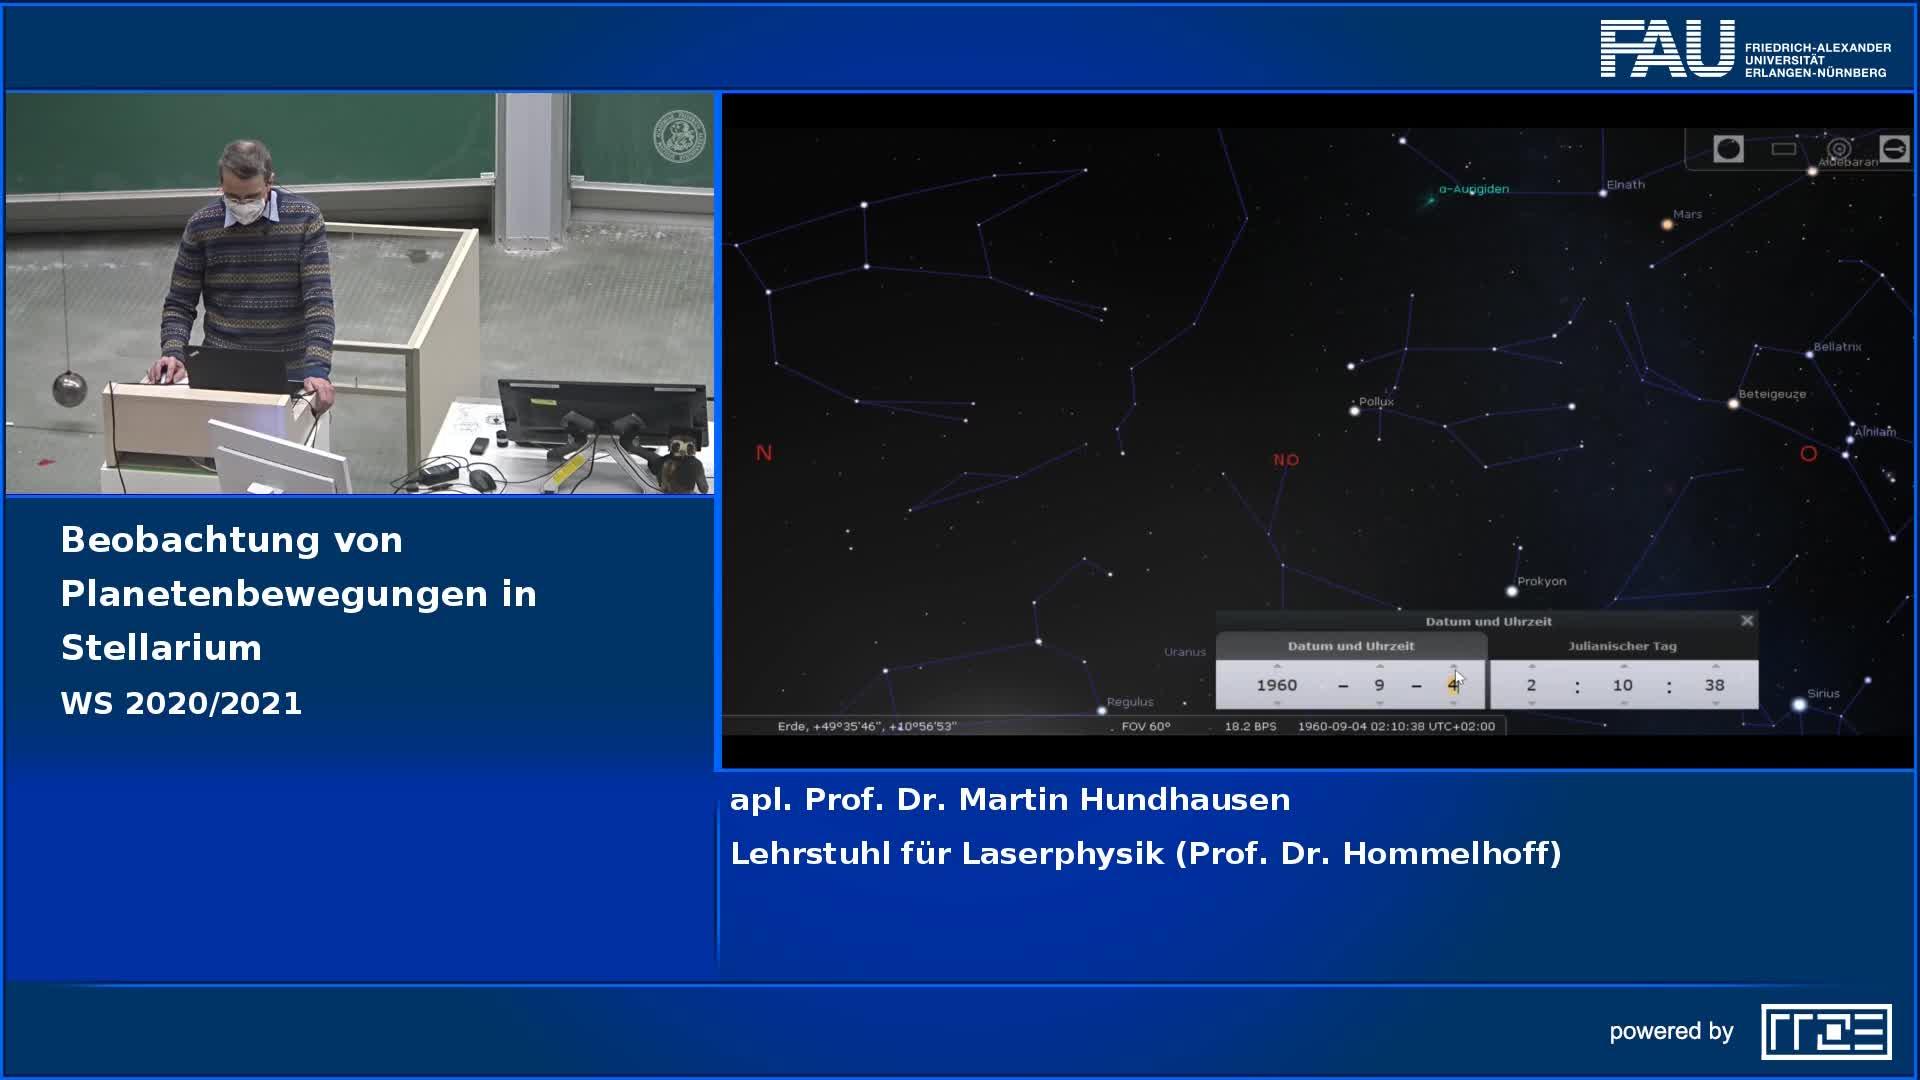 Beobachtung von Planetenbewegungen in Stellarium preview image